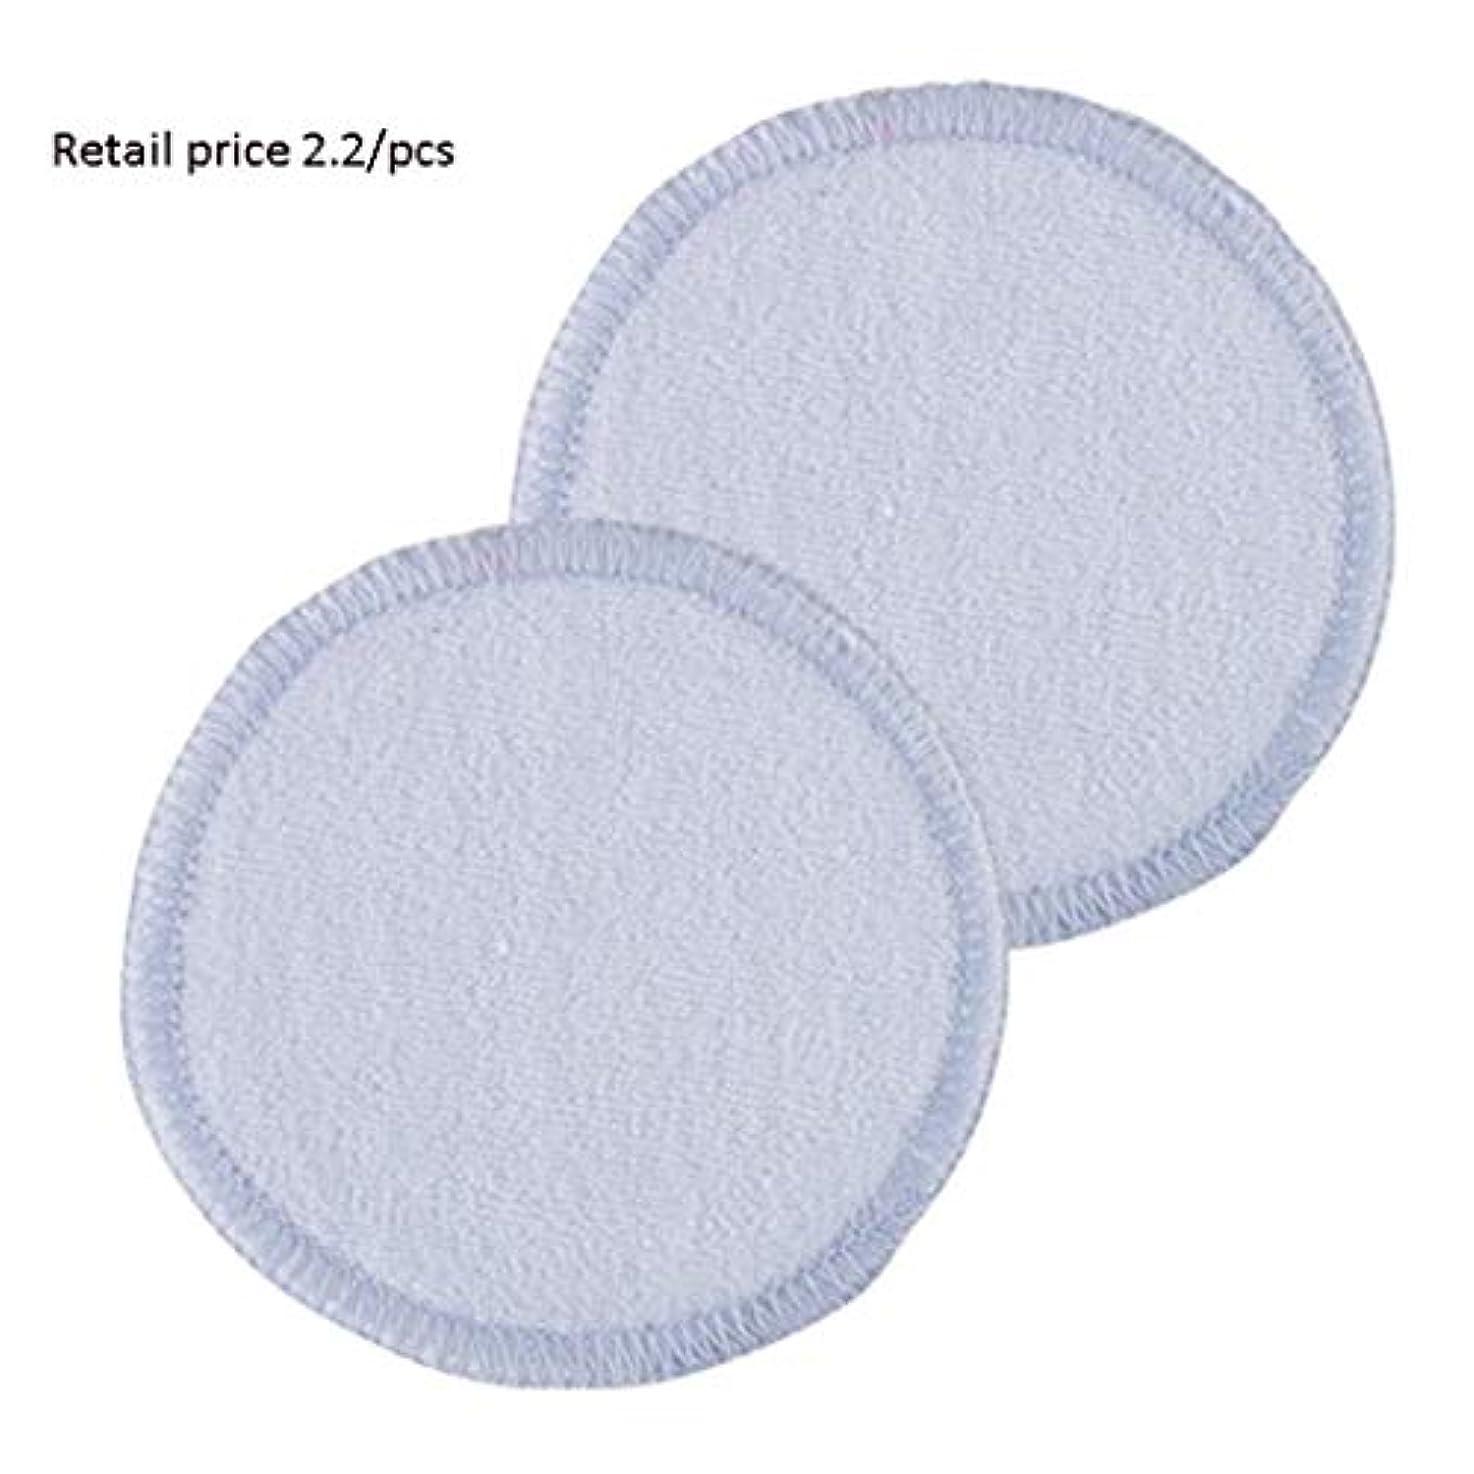 愛国的な明確な示すクレンジングシート 再利用可能な洗える8センチラウンドクレンジングコットンパッド、収納バッグ付き4色、ランドリー製品用スキンケア製品 (Color : Blue, サイズ : 8cm)